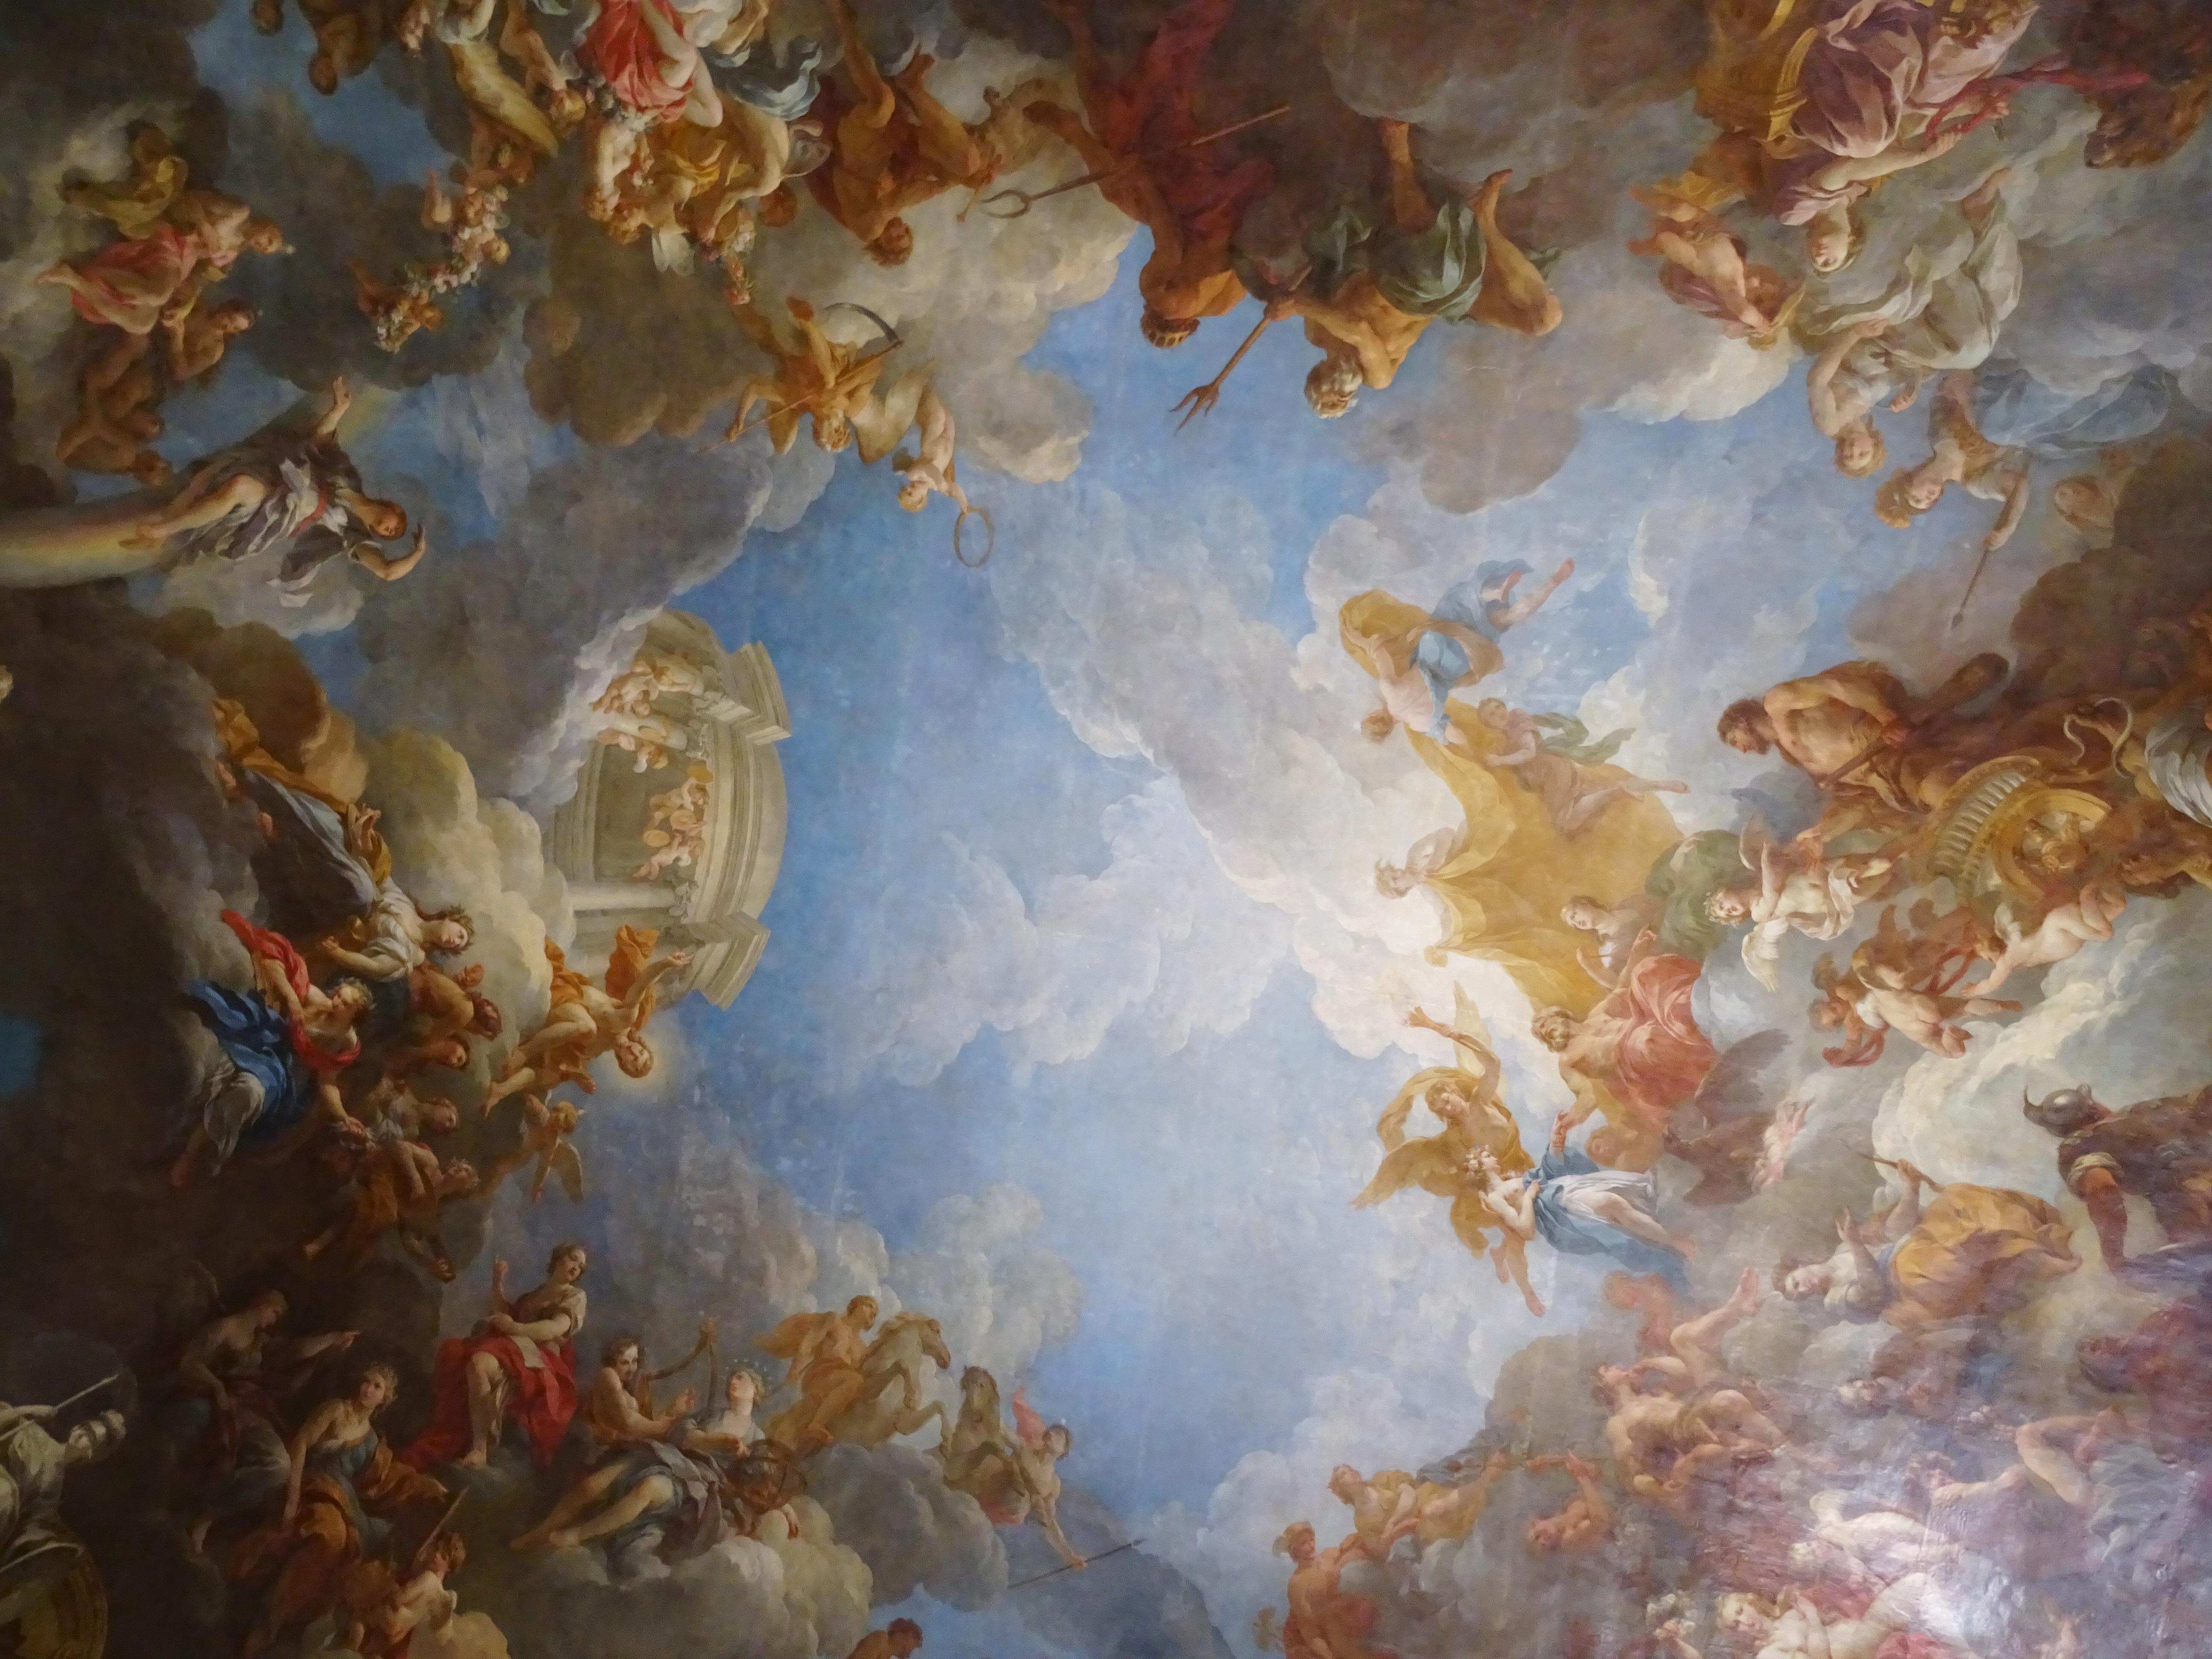 Gambar Istana Paris Perancis Plafon Museum Bersejarah